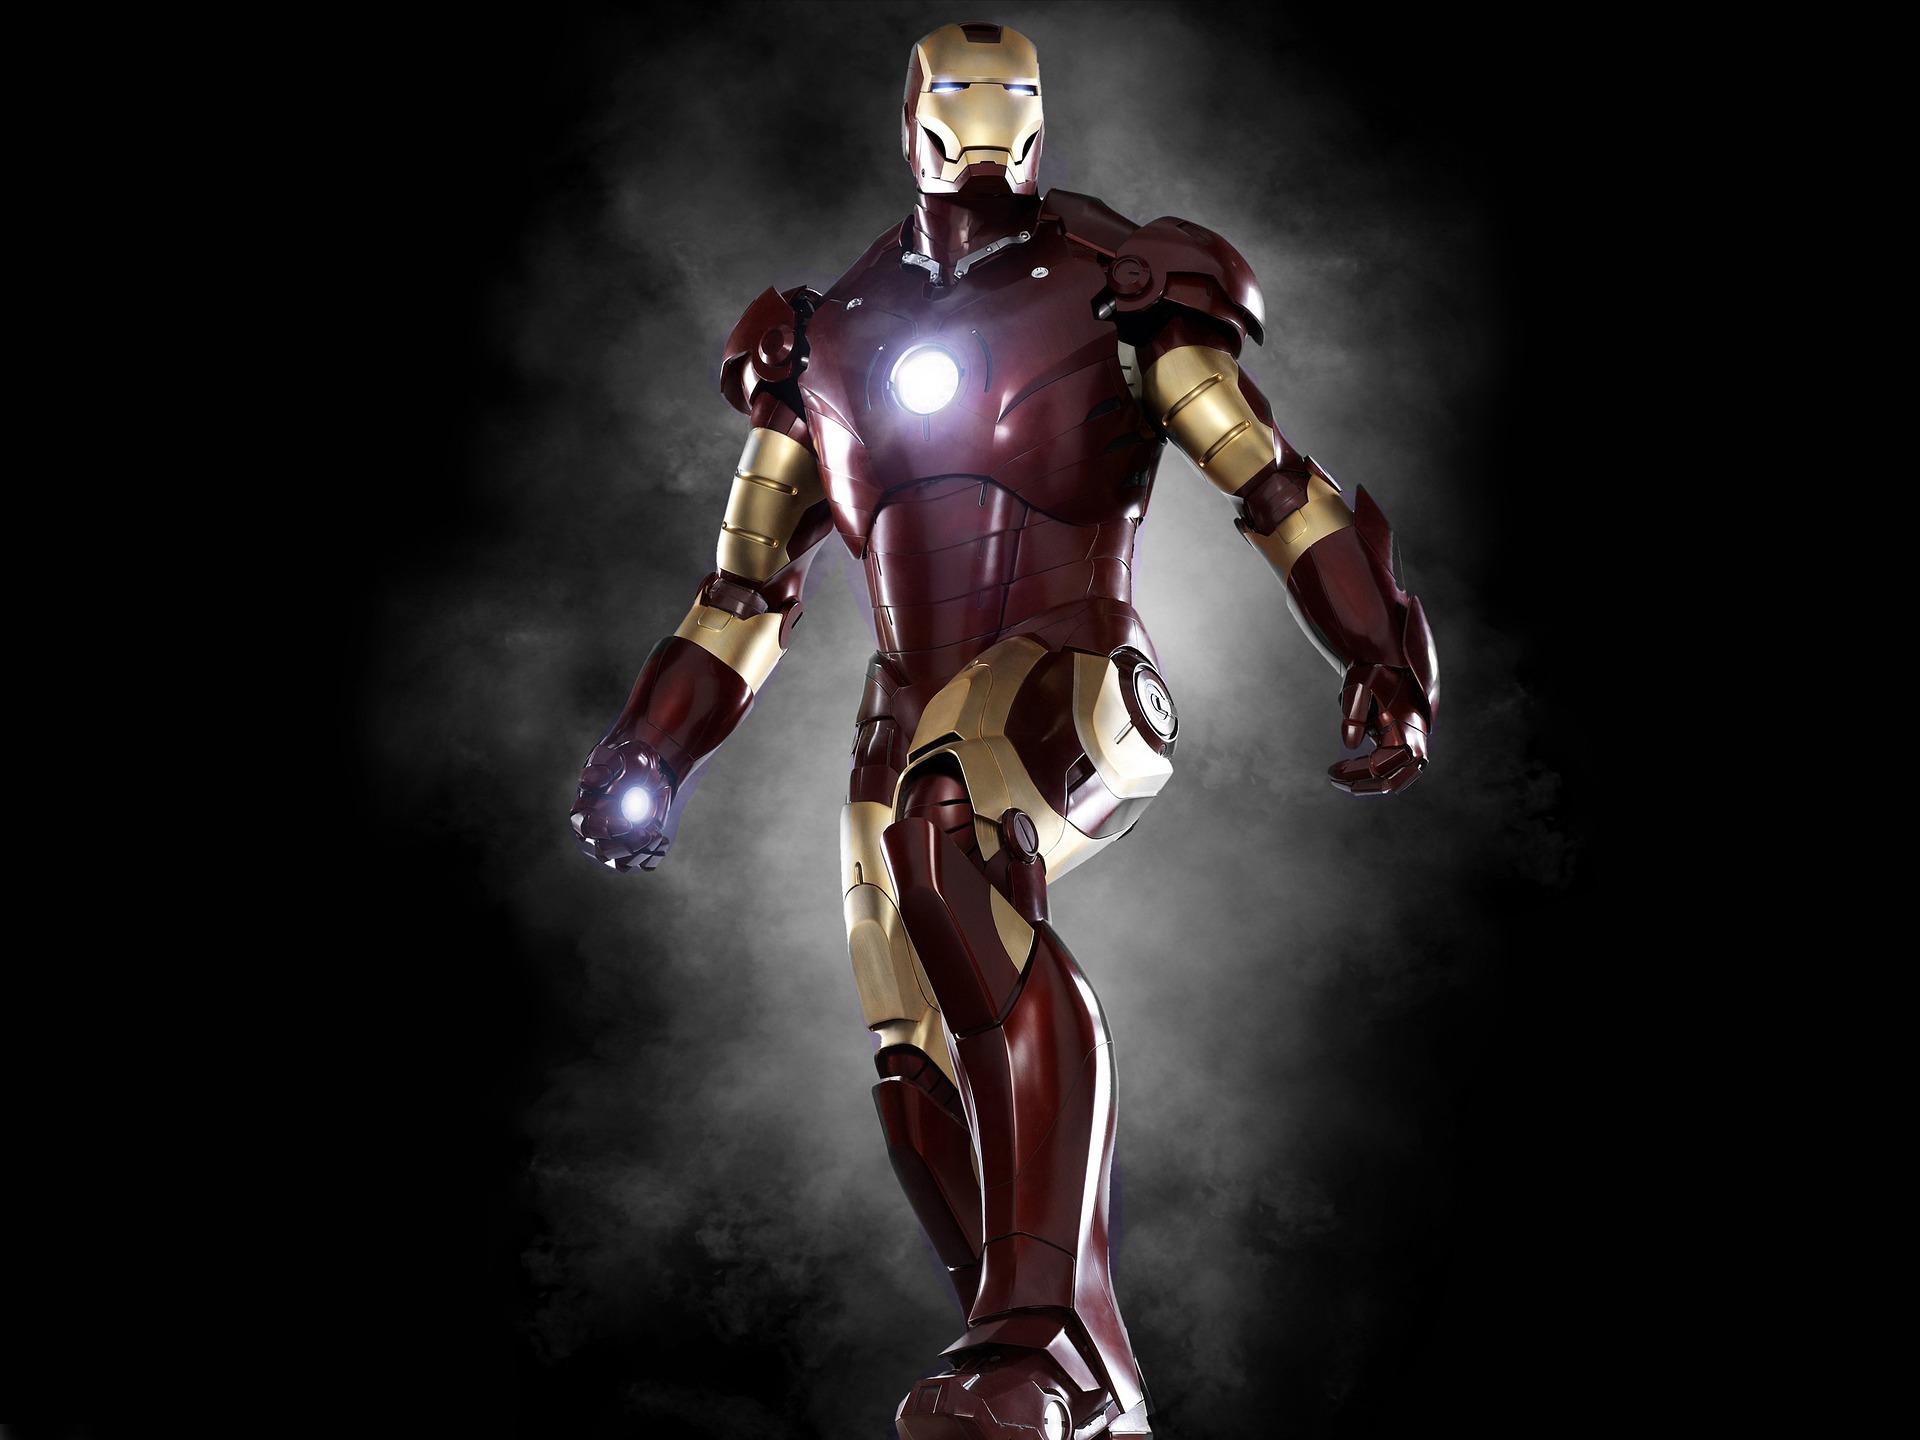 GK Media avengers iron man.jpg